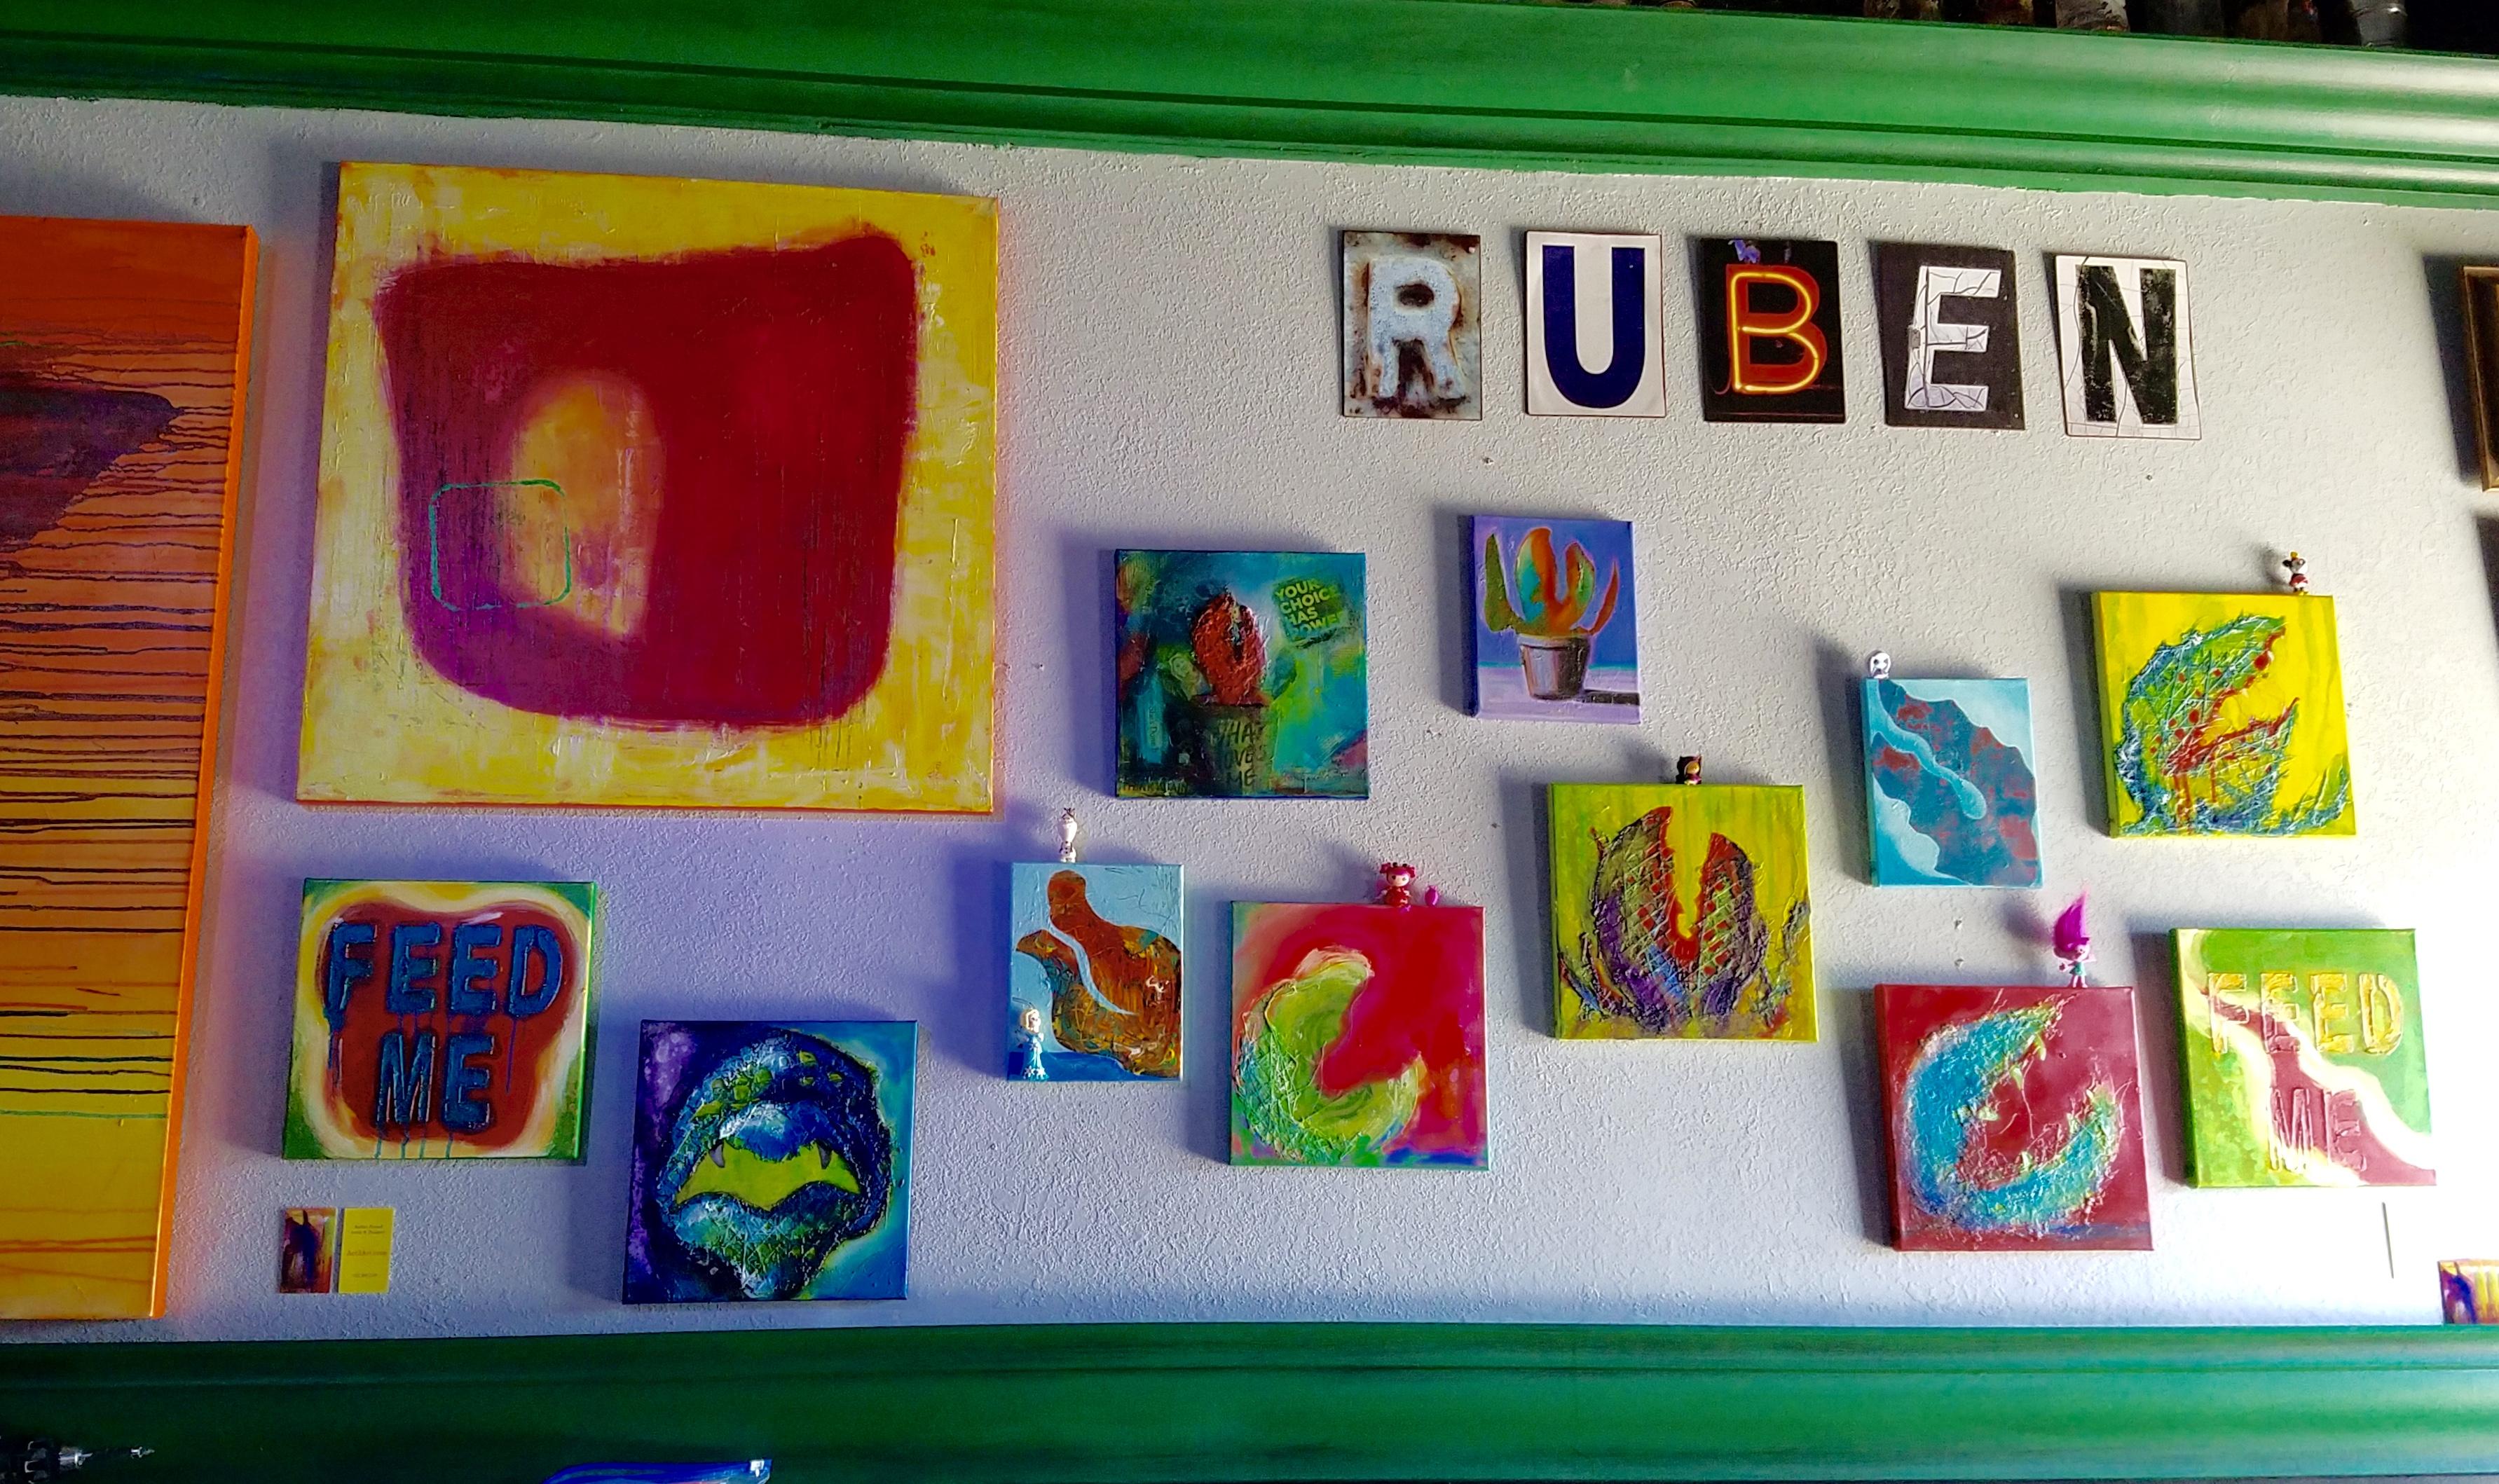 RuBen at ReBar